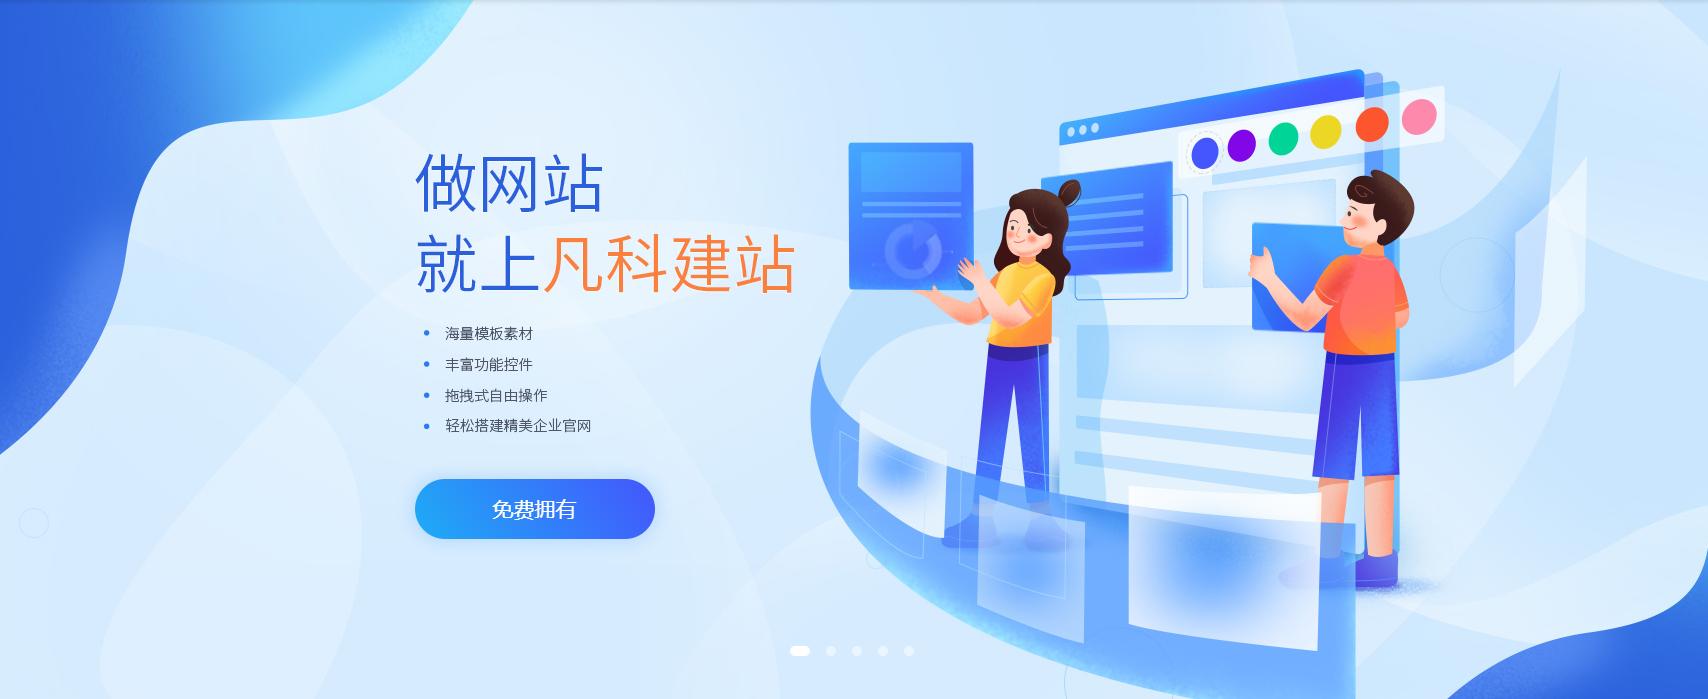 中小企业怎么创建网站